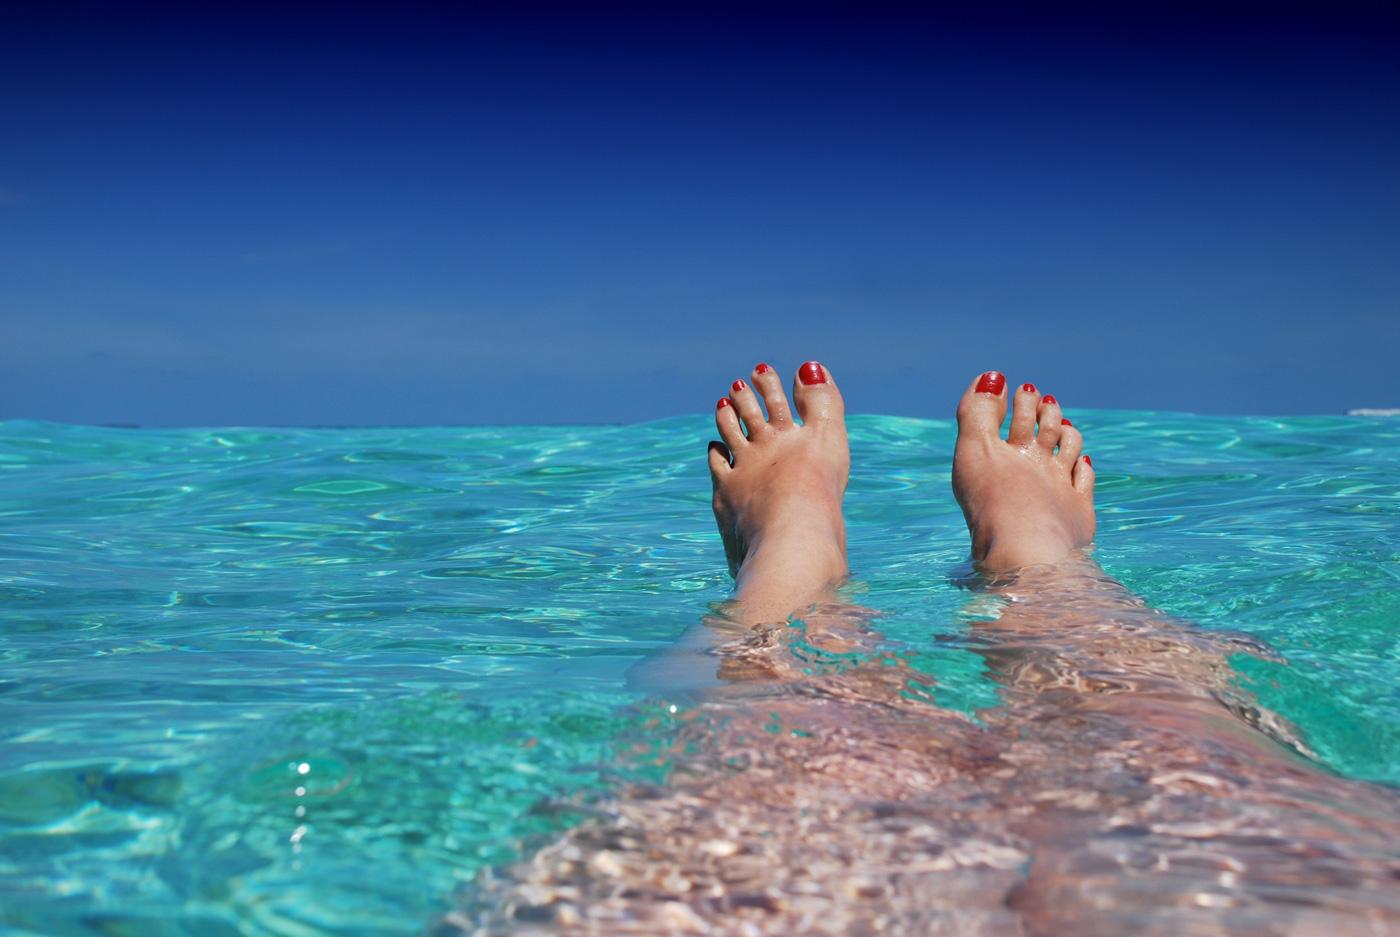 pedicure fai da te - piedi al mare